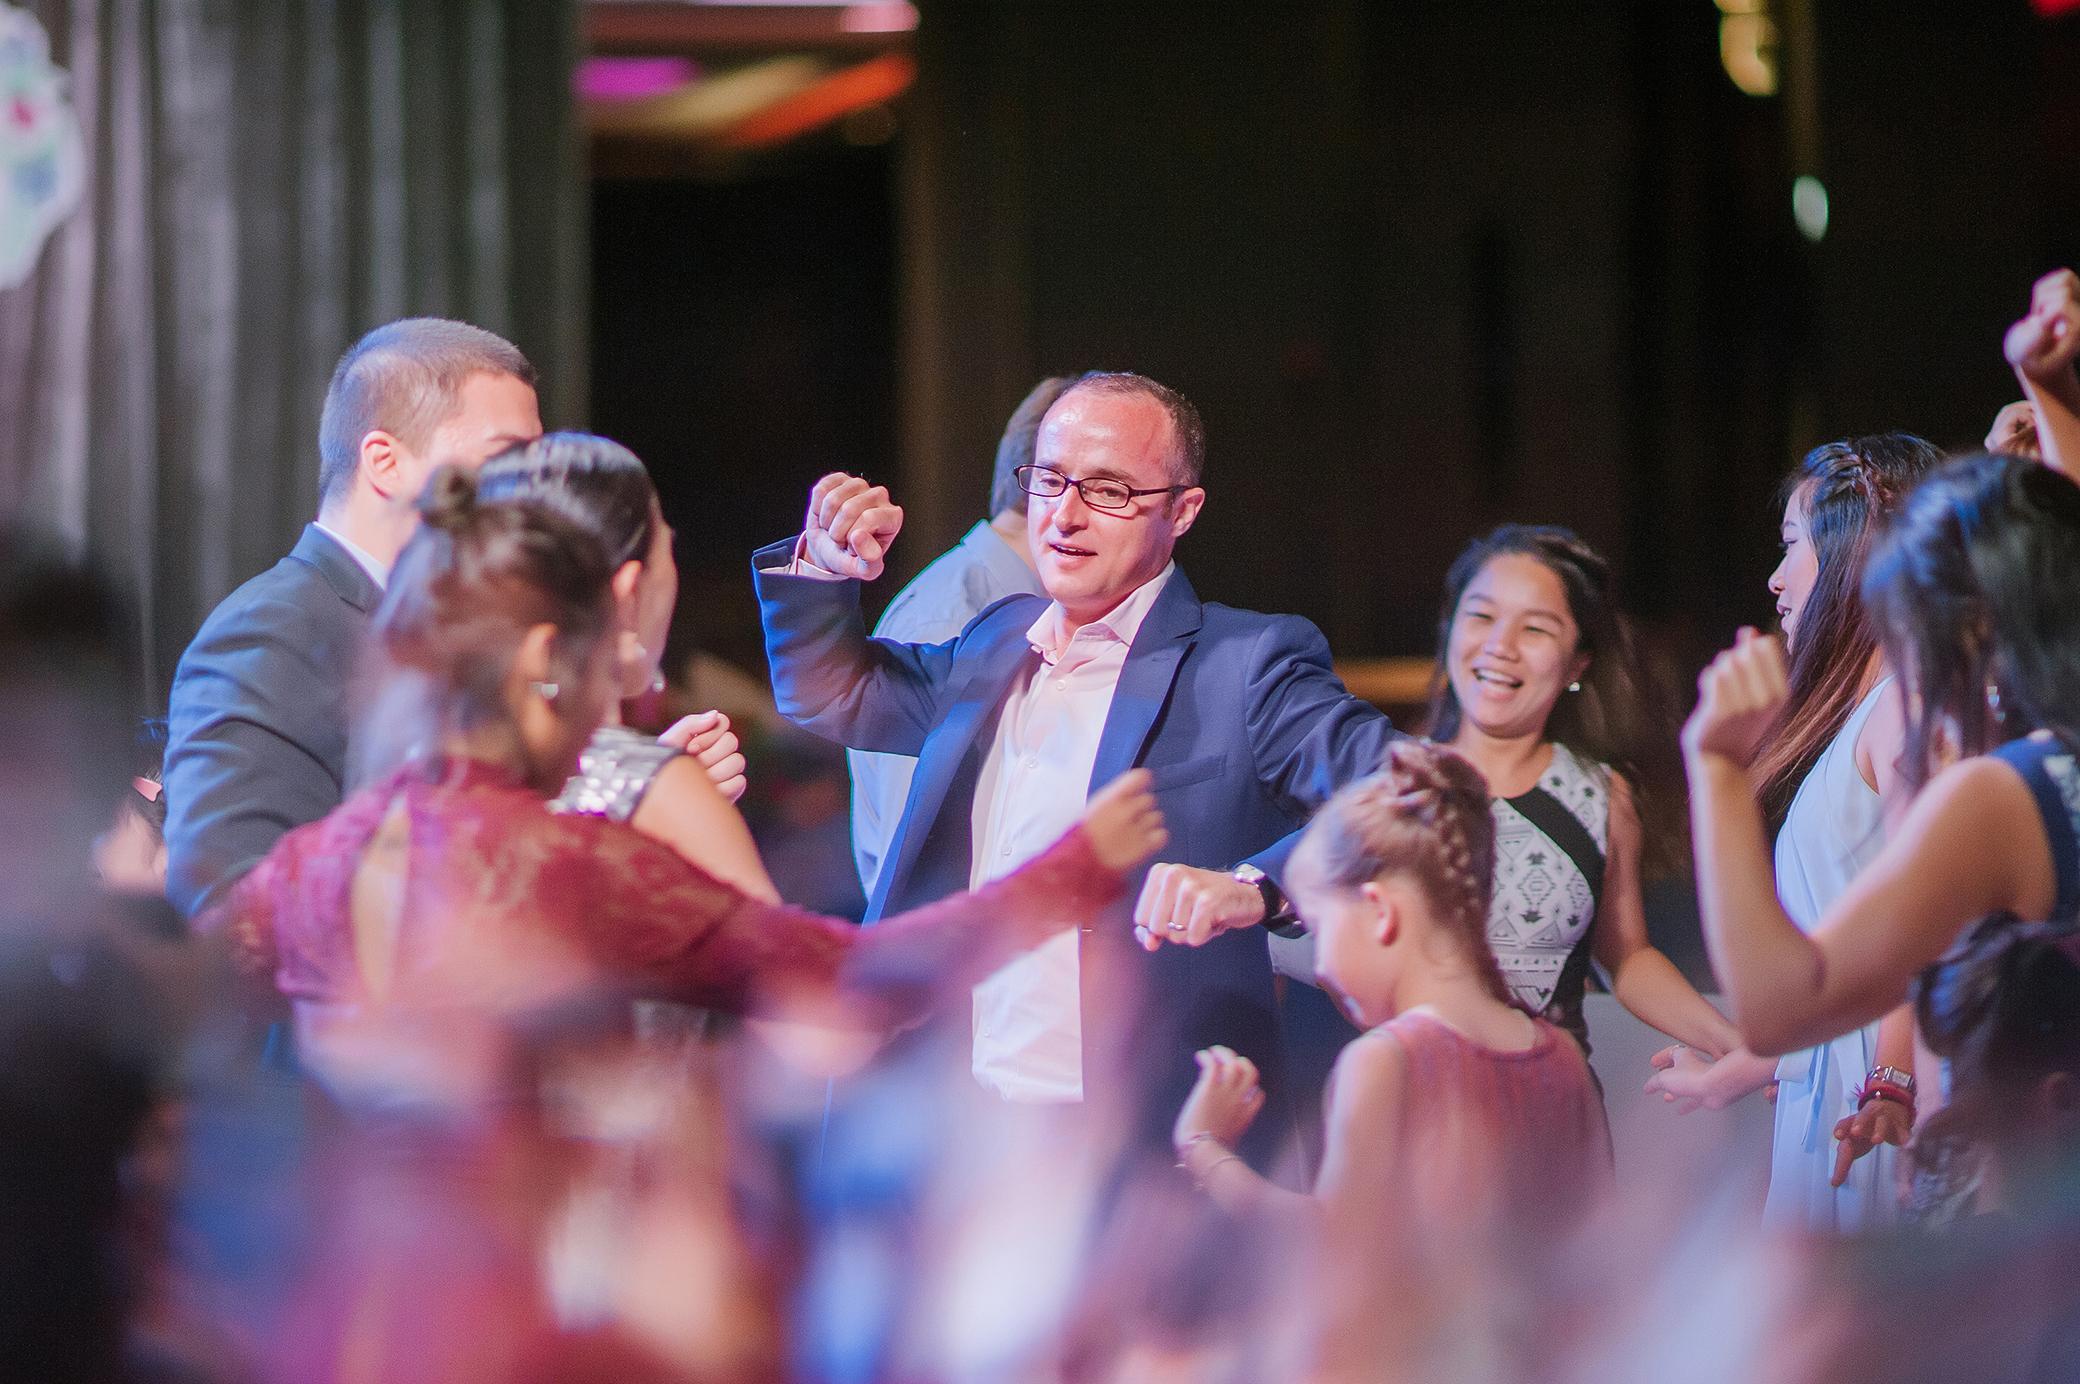 nickchang-wedding-%e5%af%92%e8%88%8d%e8%89%be%e9%ba%97-fineart-68